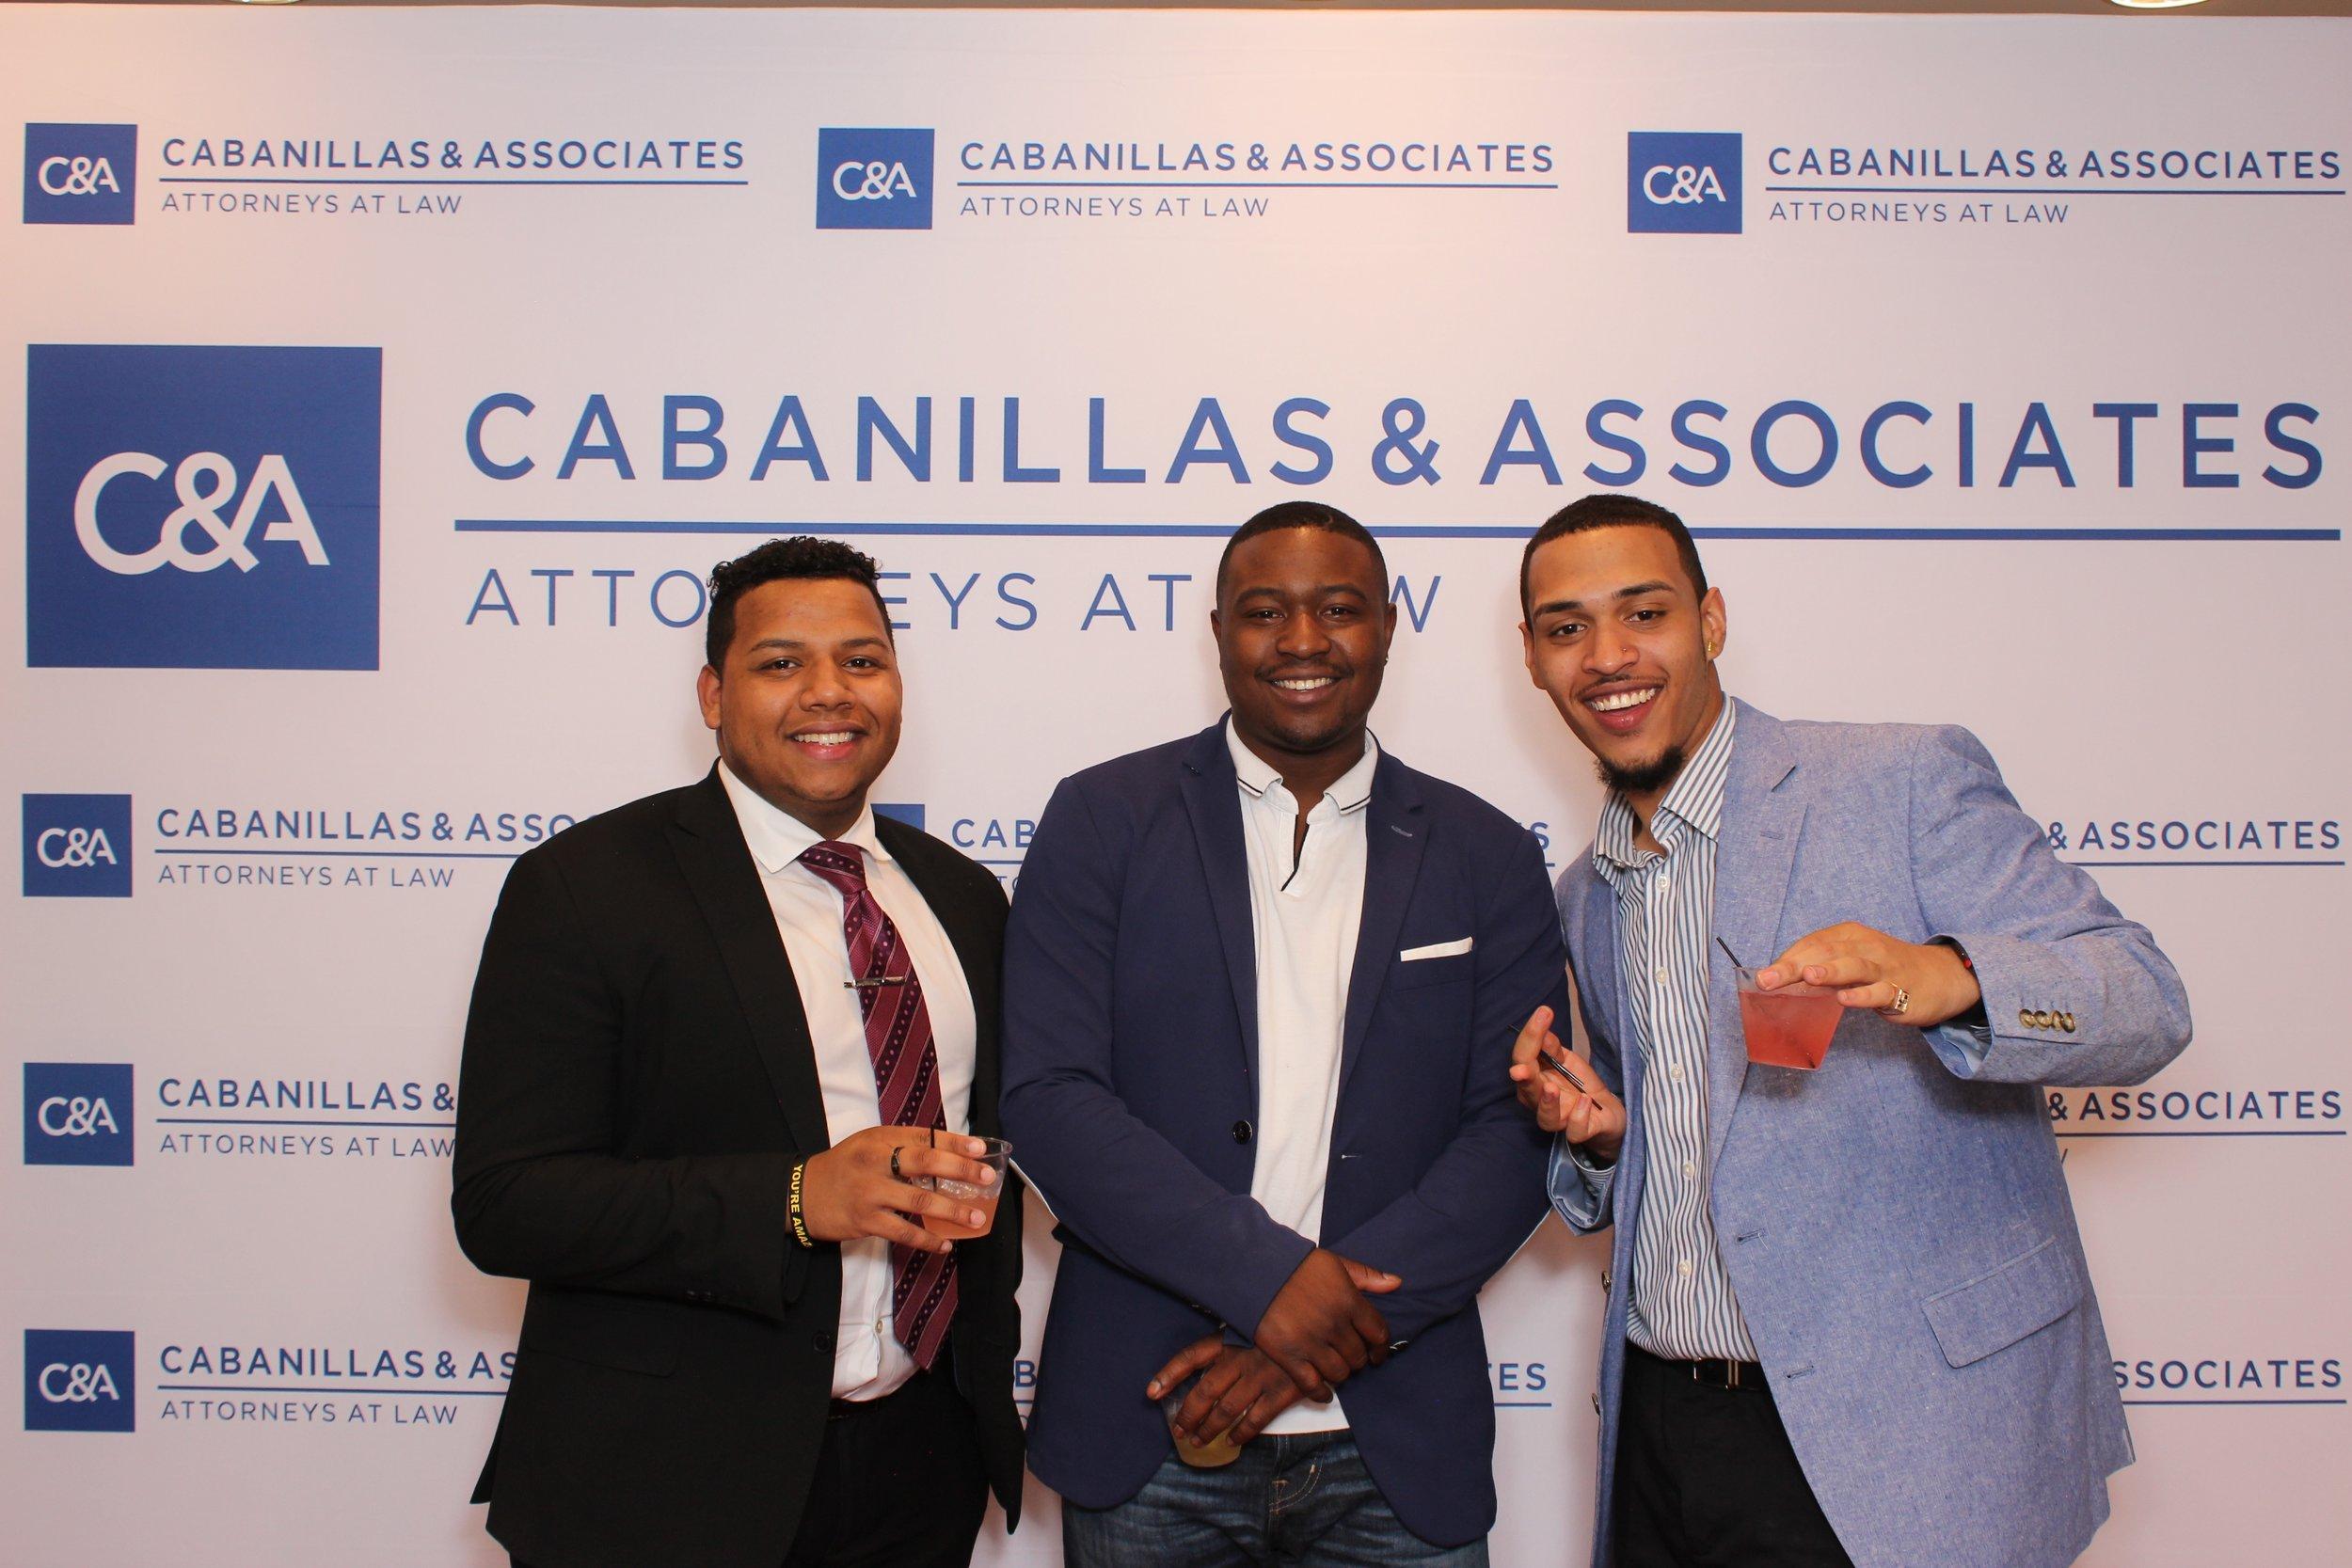 Cabanillas2018_2018-06-14_20-03-28.jpg